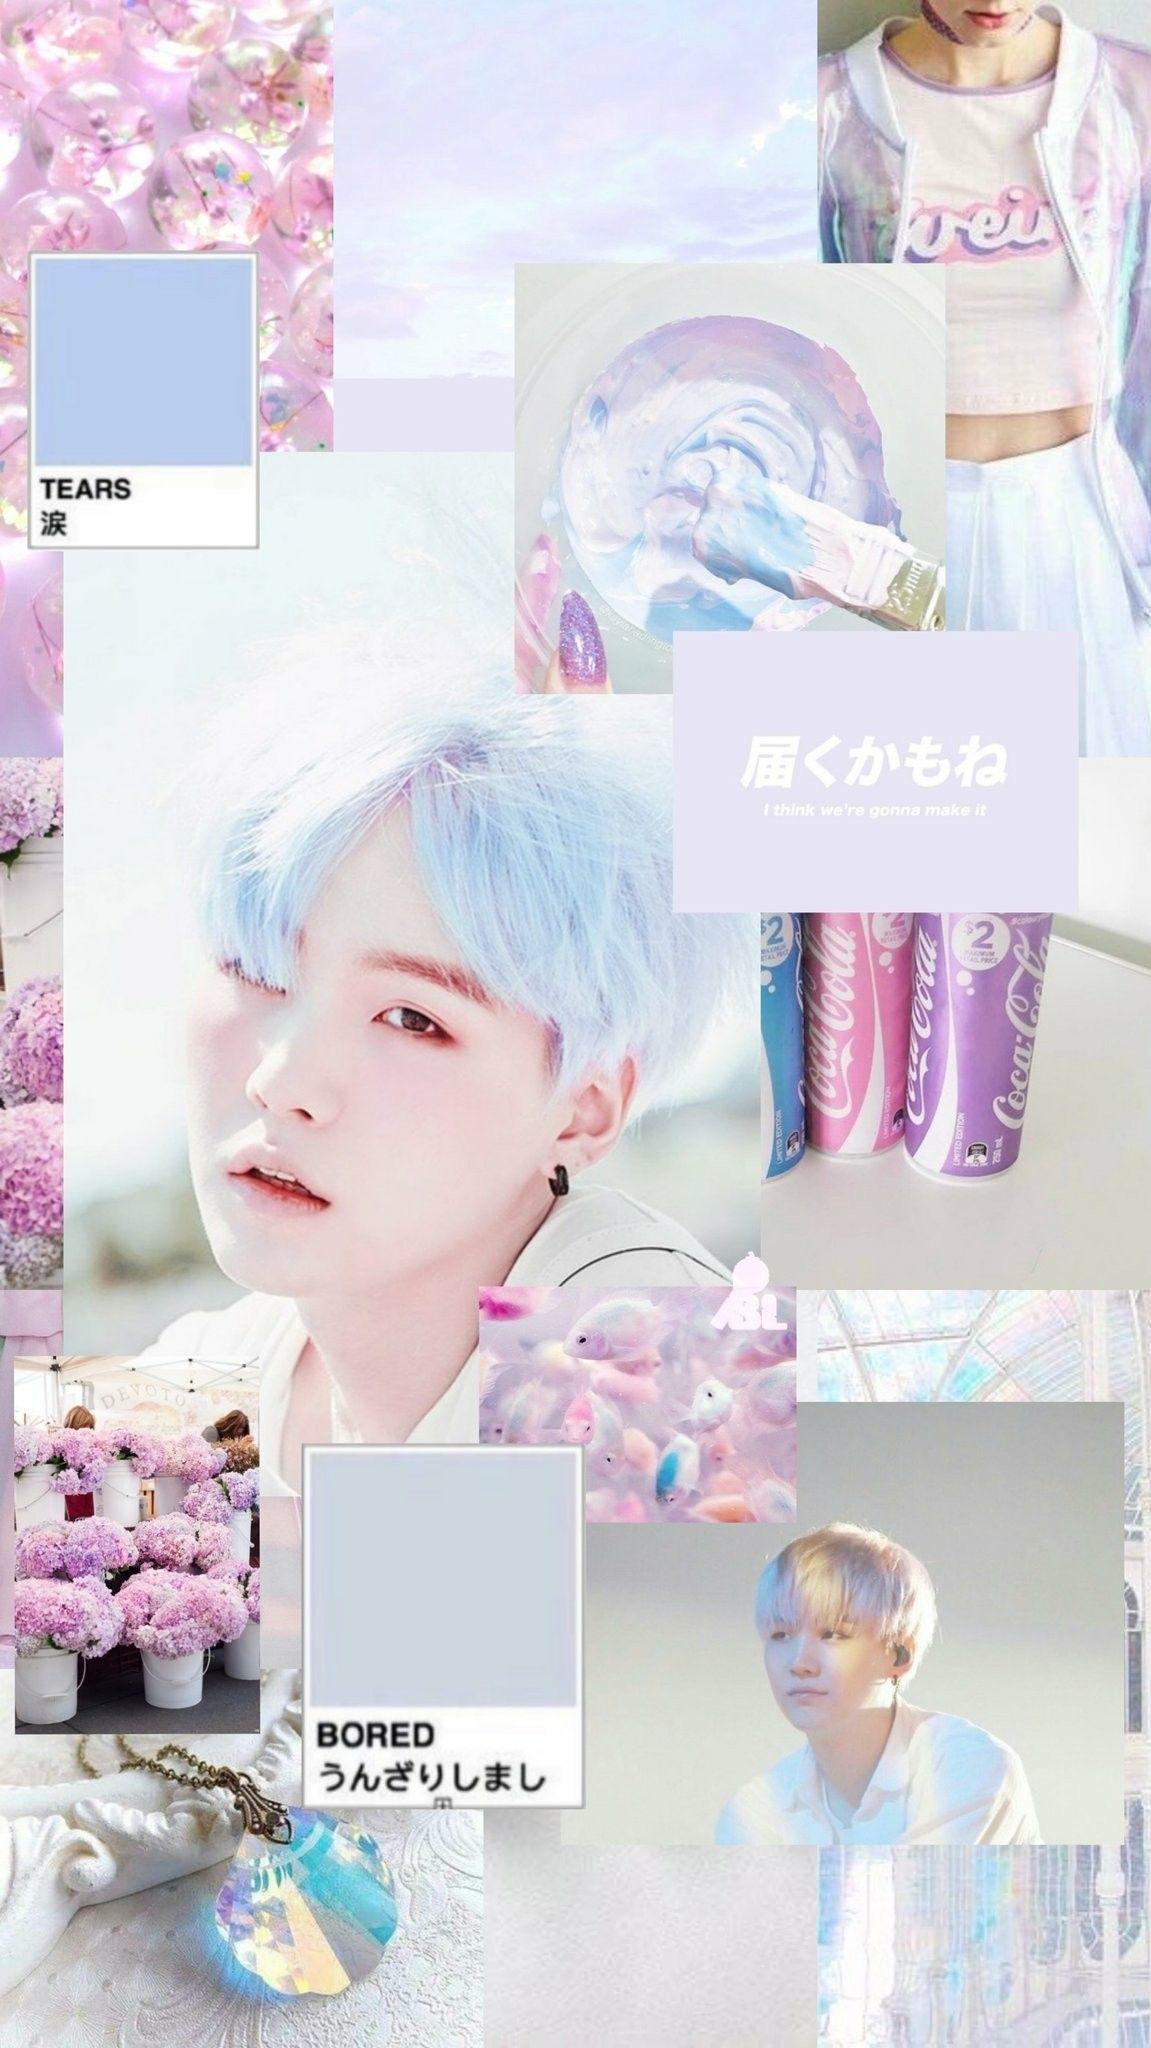 Download your chosen mclaren wallpaper below. Taeyoongi BTS Aesthetic Collage Wallpapers - Wallpaper Cave